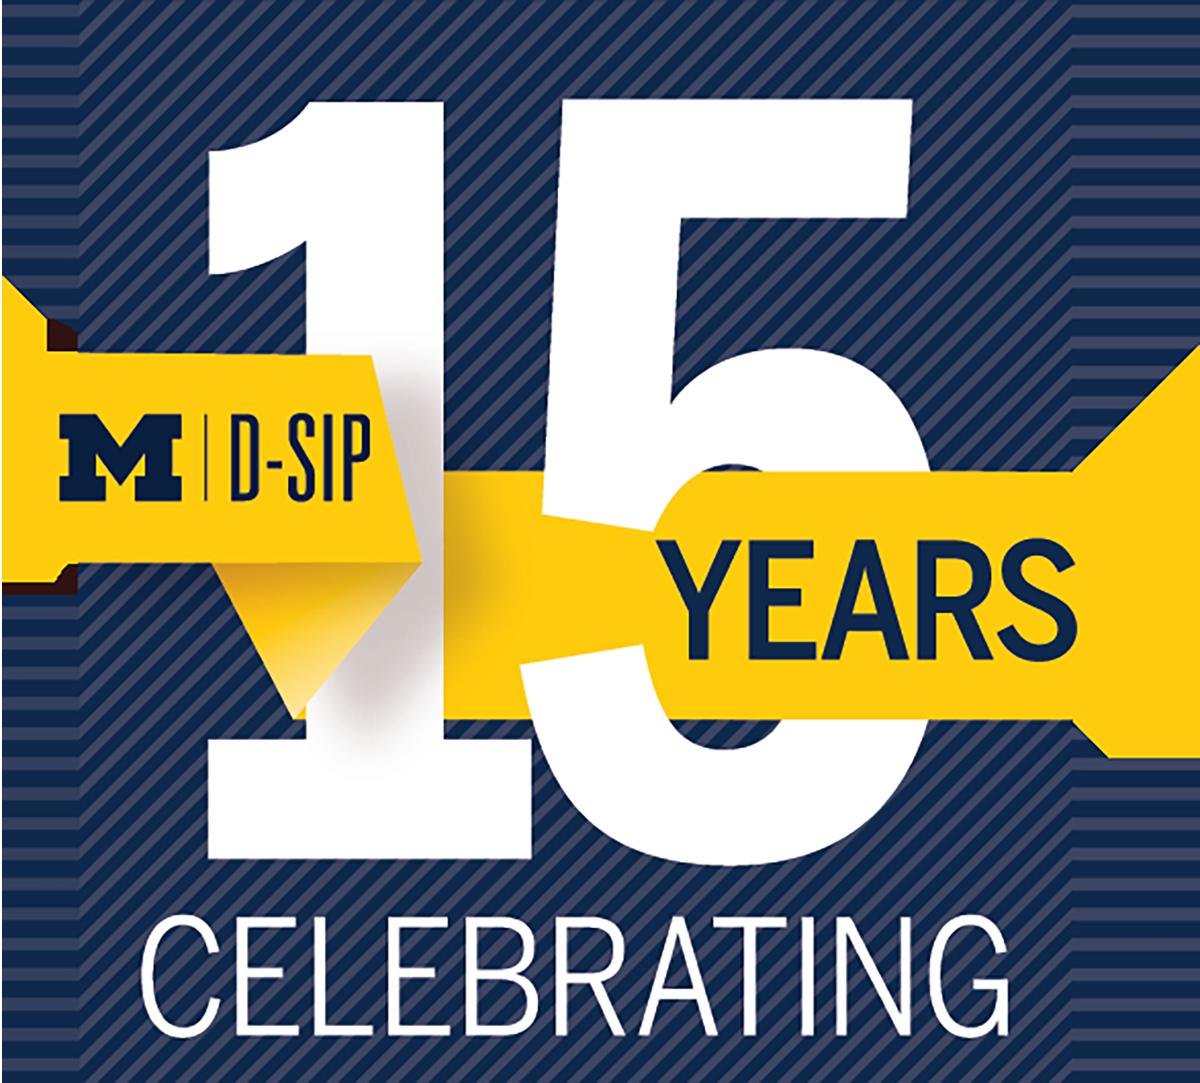 D-SIP Celebrating 15 years logo